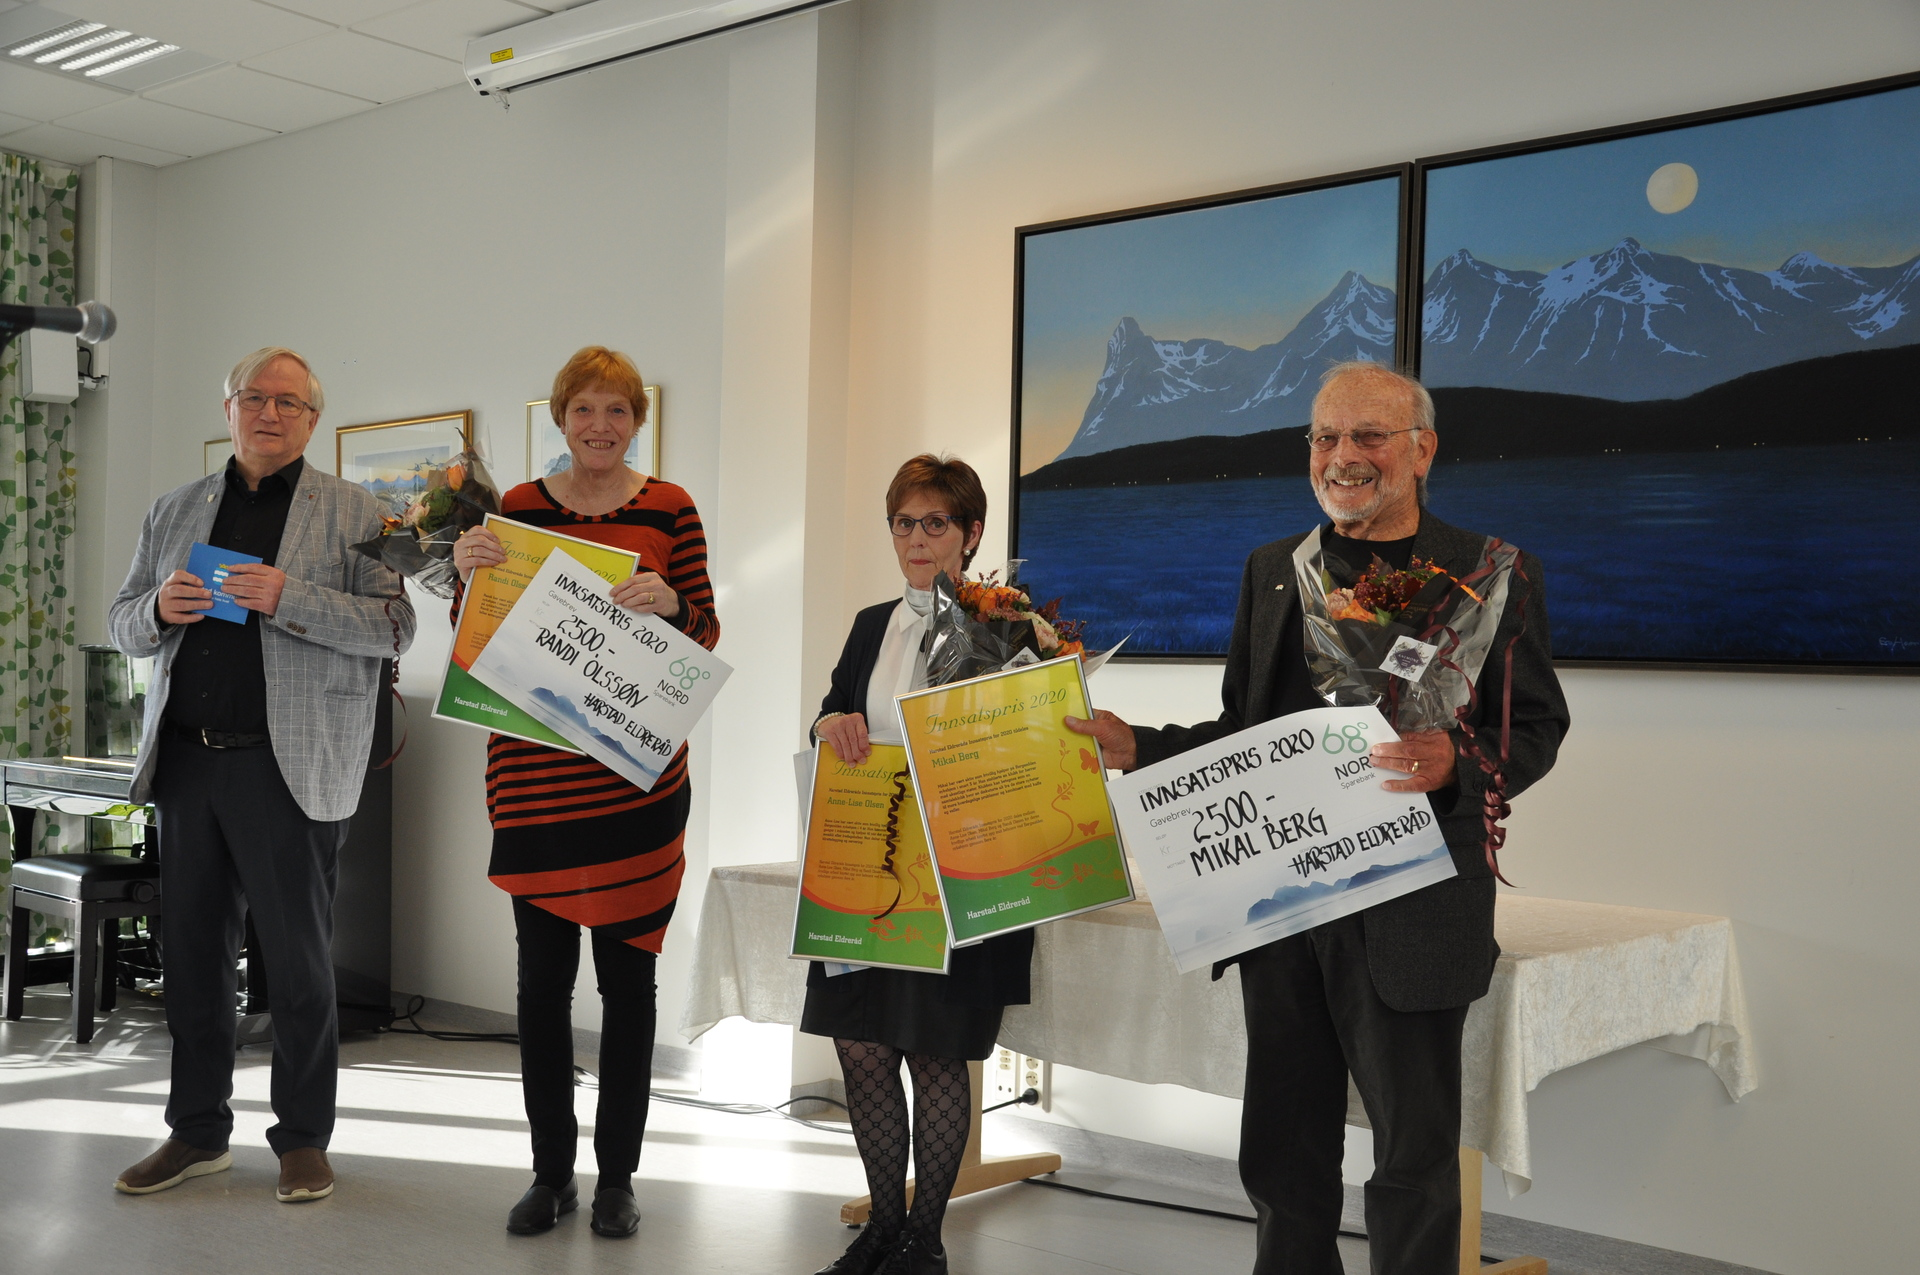 Leder i Eldrerådet i Harstad, Jan Fjellstad, delte ut rådets Innsatspris til (fra venstre) Randi Olssøn, Anne-Lise Olsen og Mikal Berg. Foto: Terje Olsen